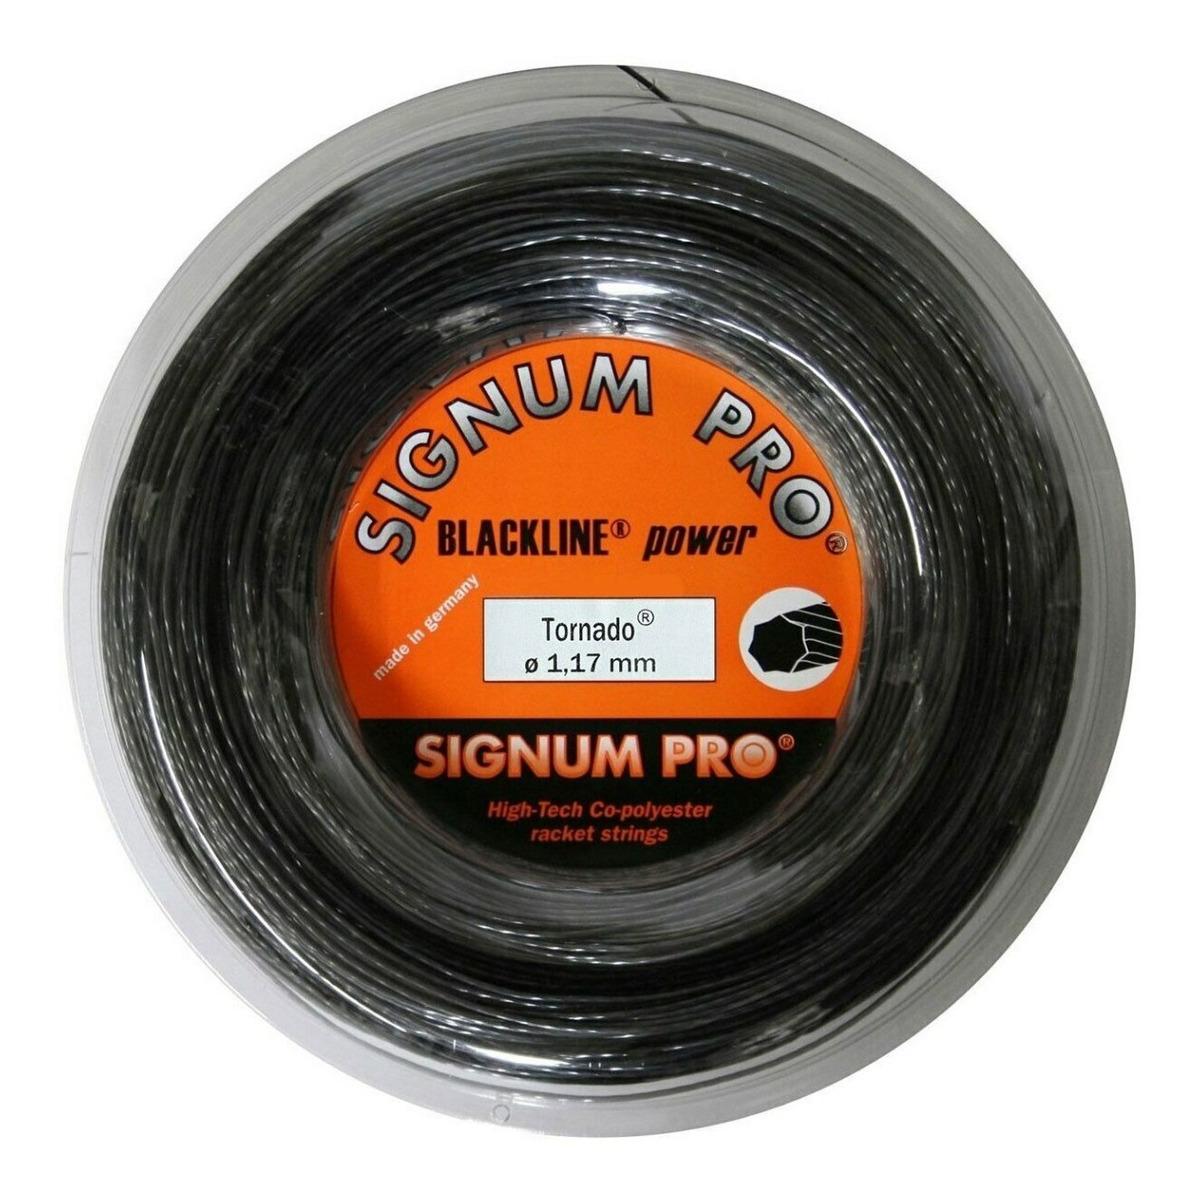 Signum Pro Tornado 200m 1.17mm Cordaje Tenis